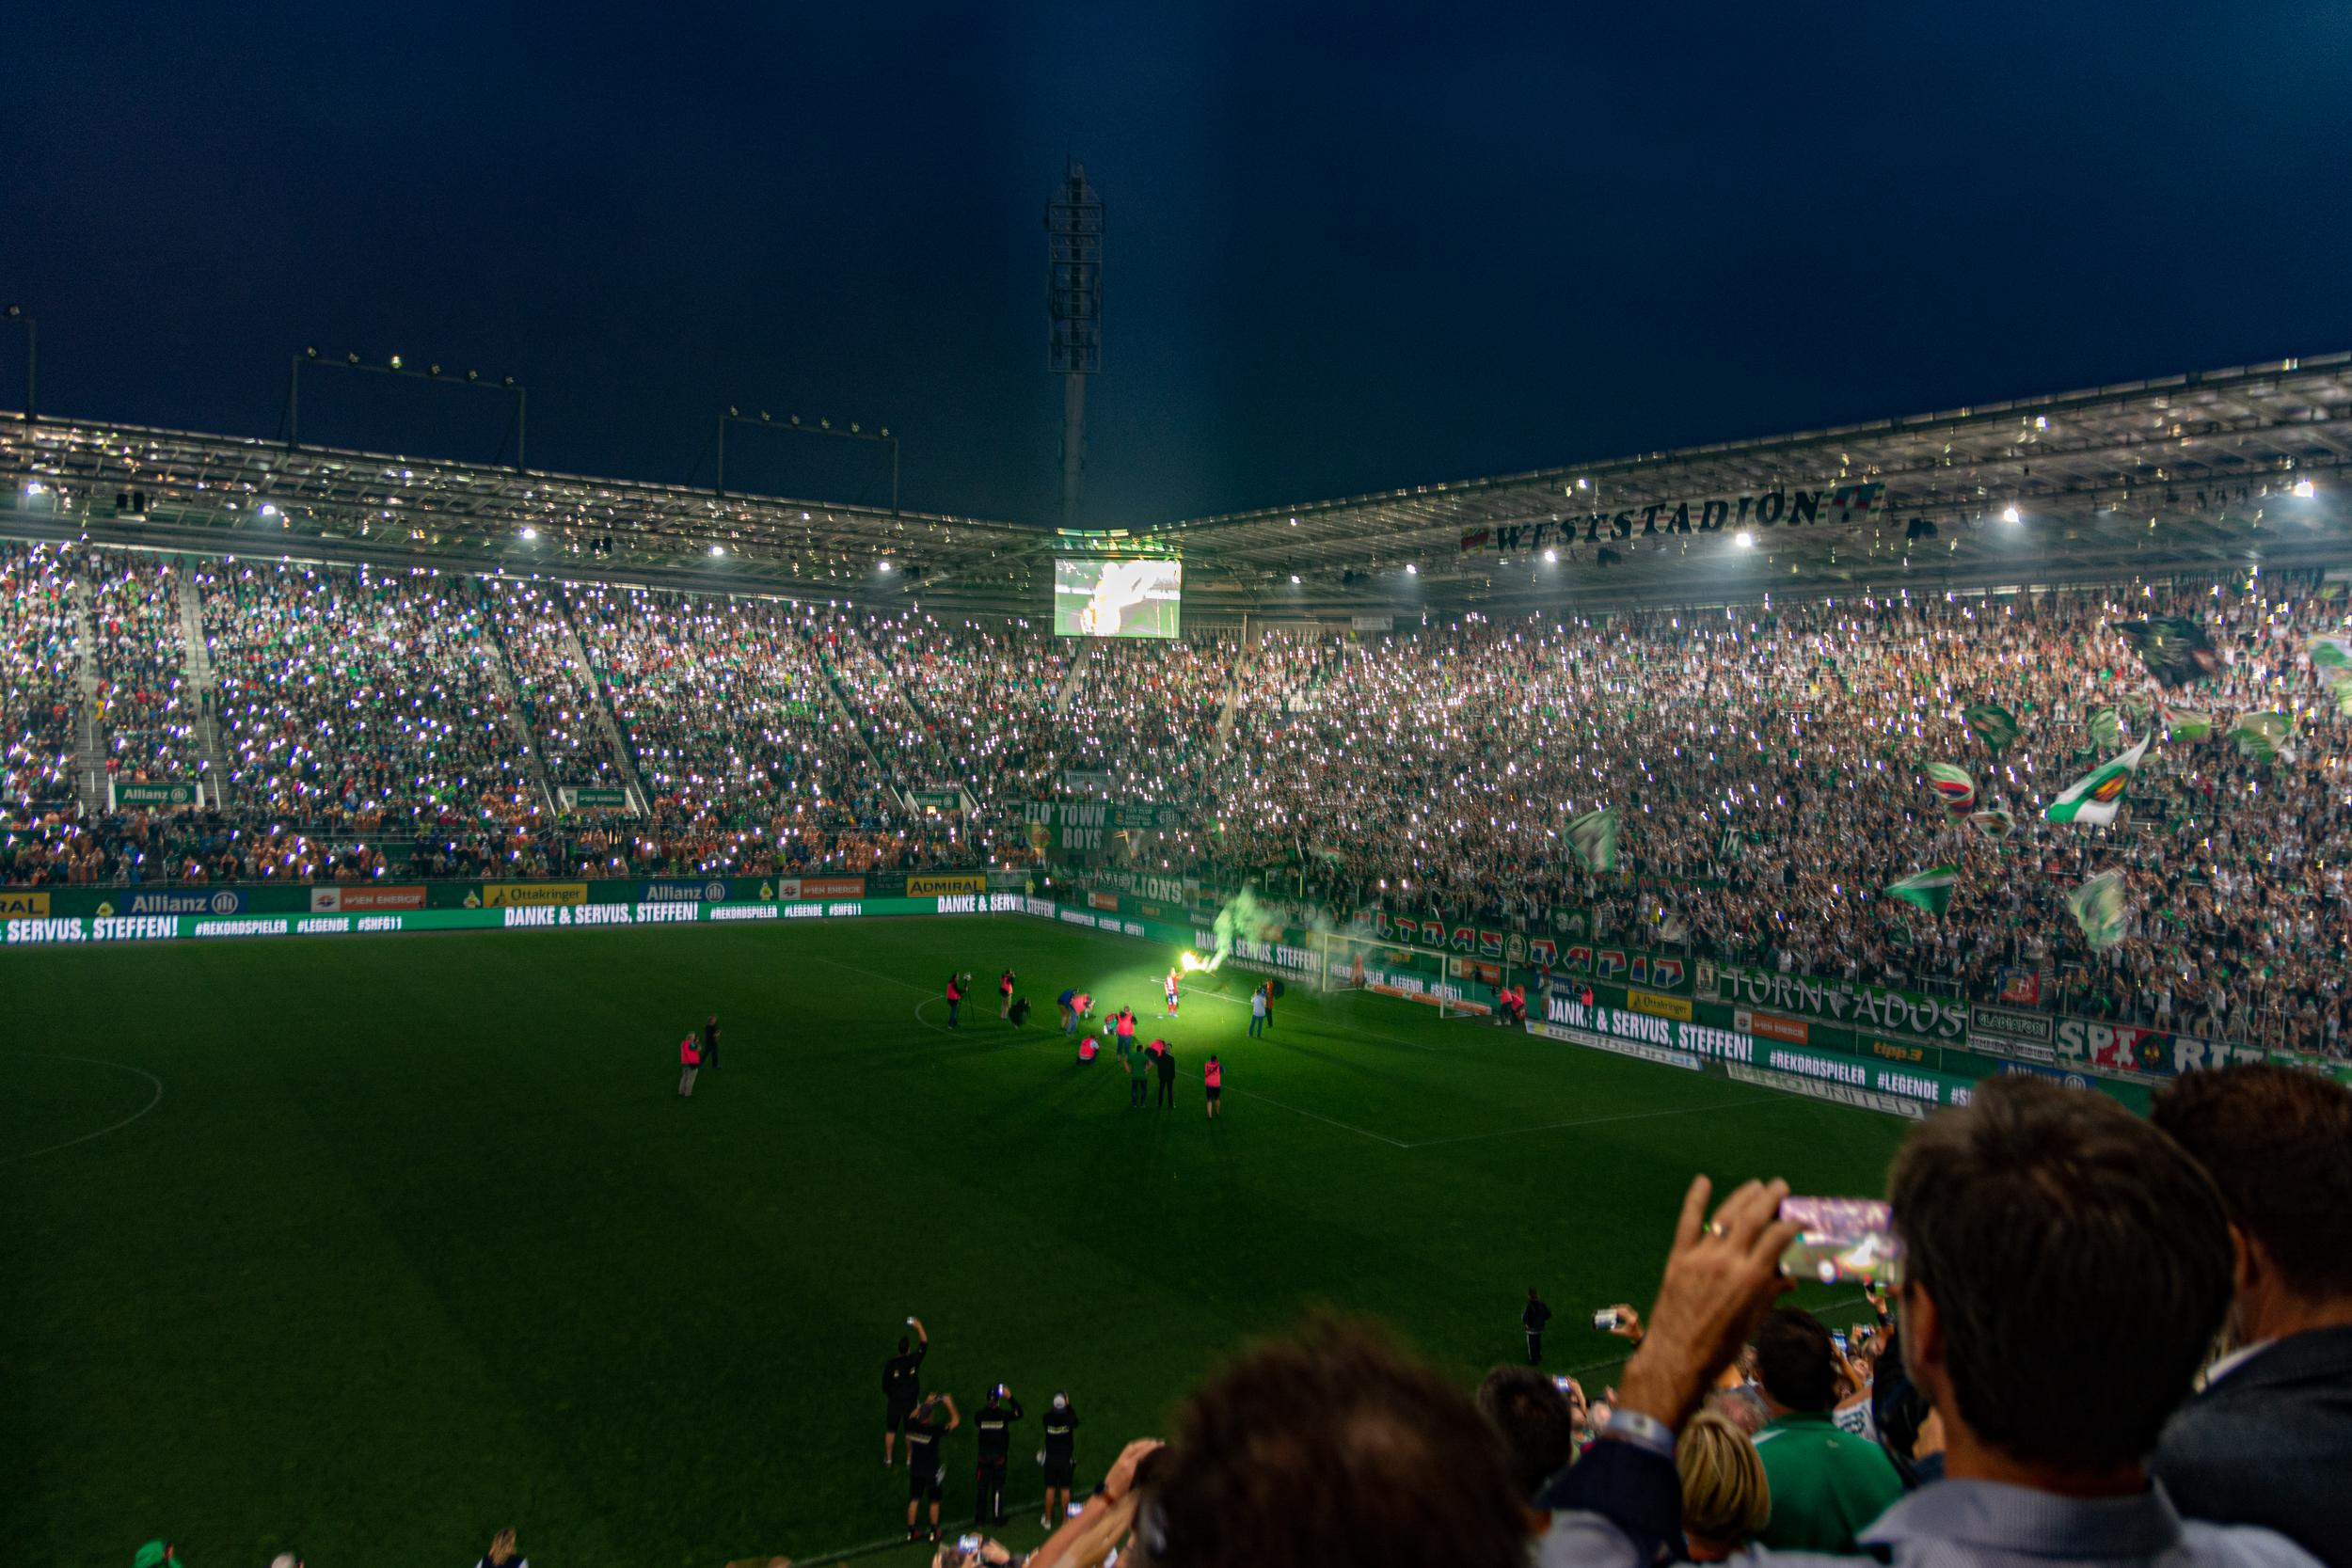 Bild aus dem Wiener Allianz Stadion von Rapid Wien